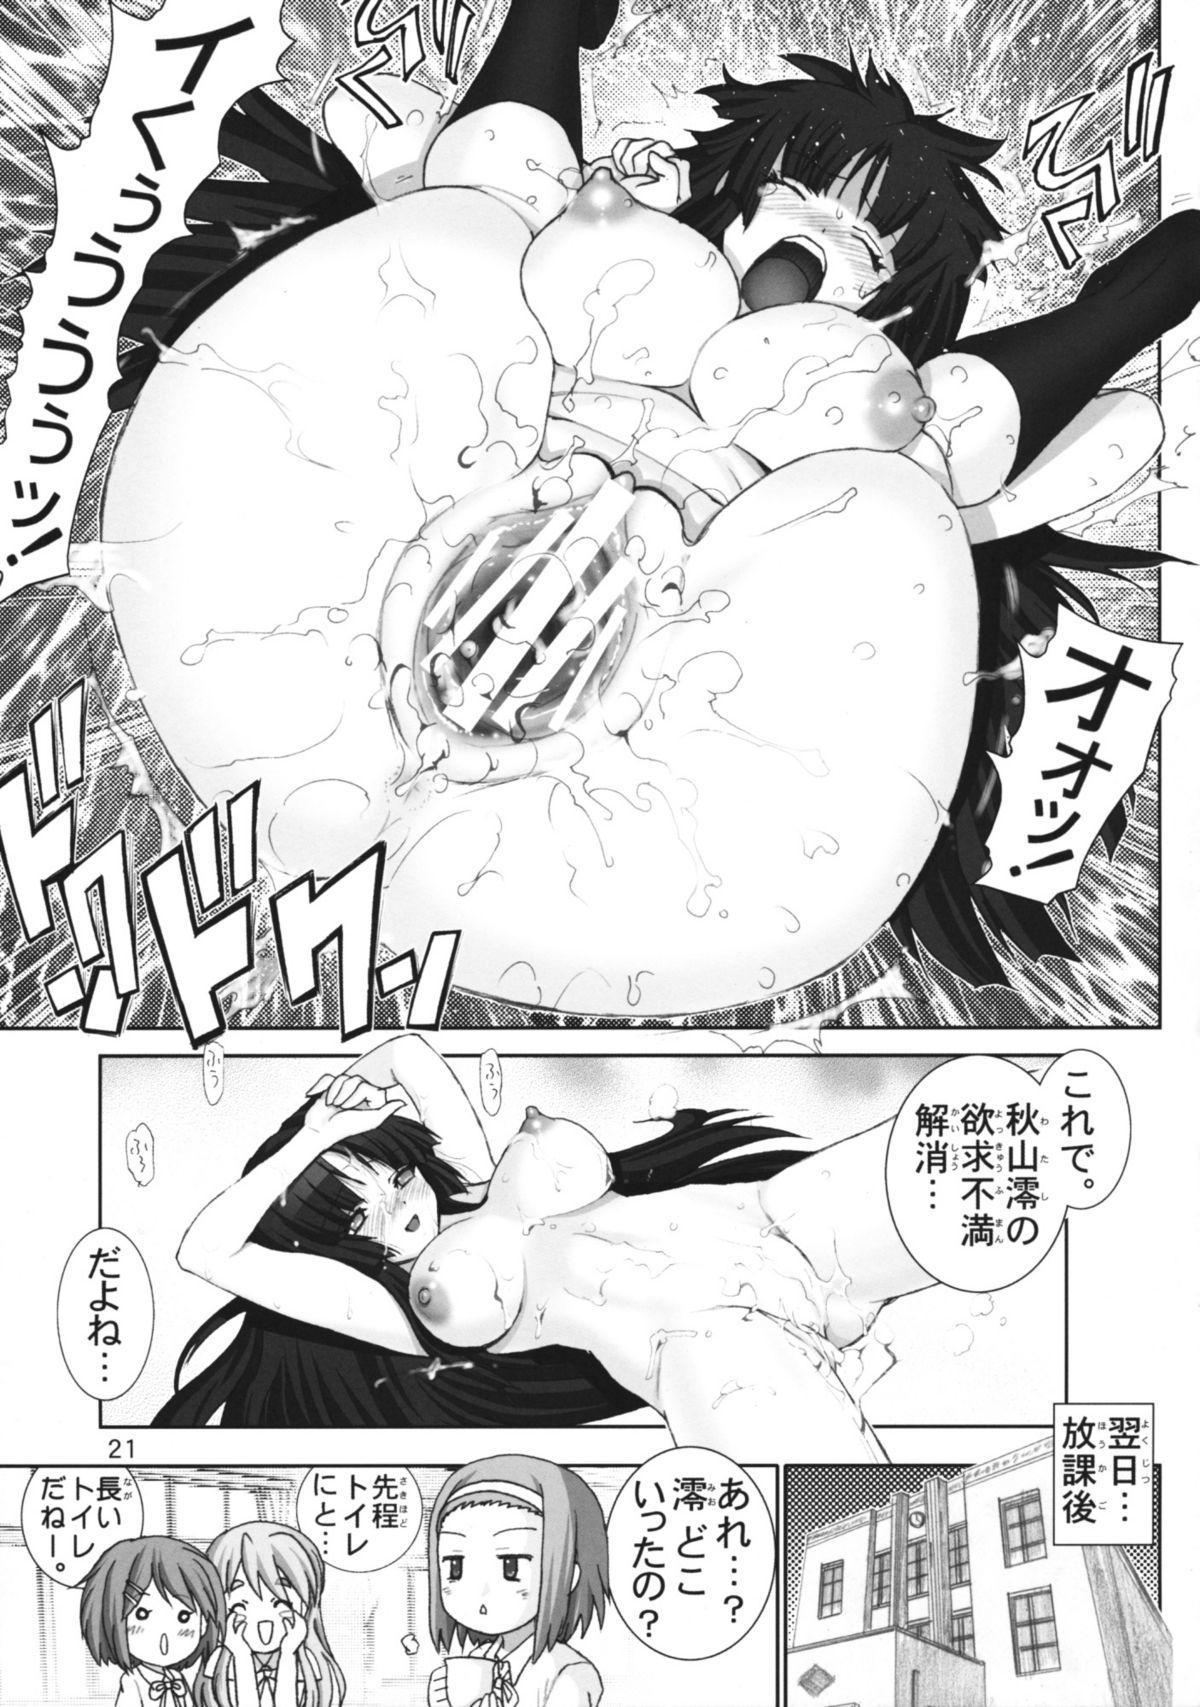 Mio-chan no Binetsu Kaisyou Dai sakusen!!   Mission of cooling down 19